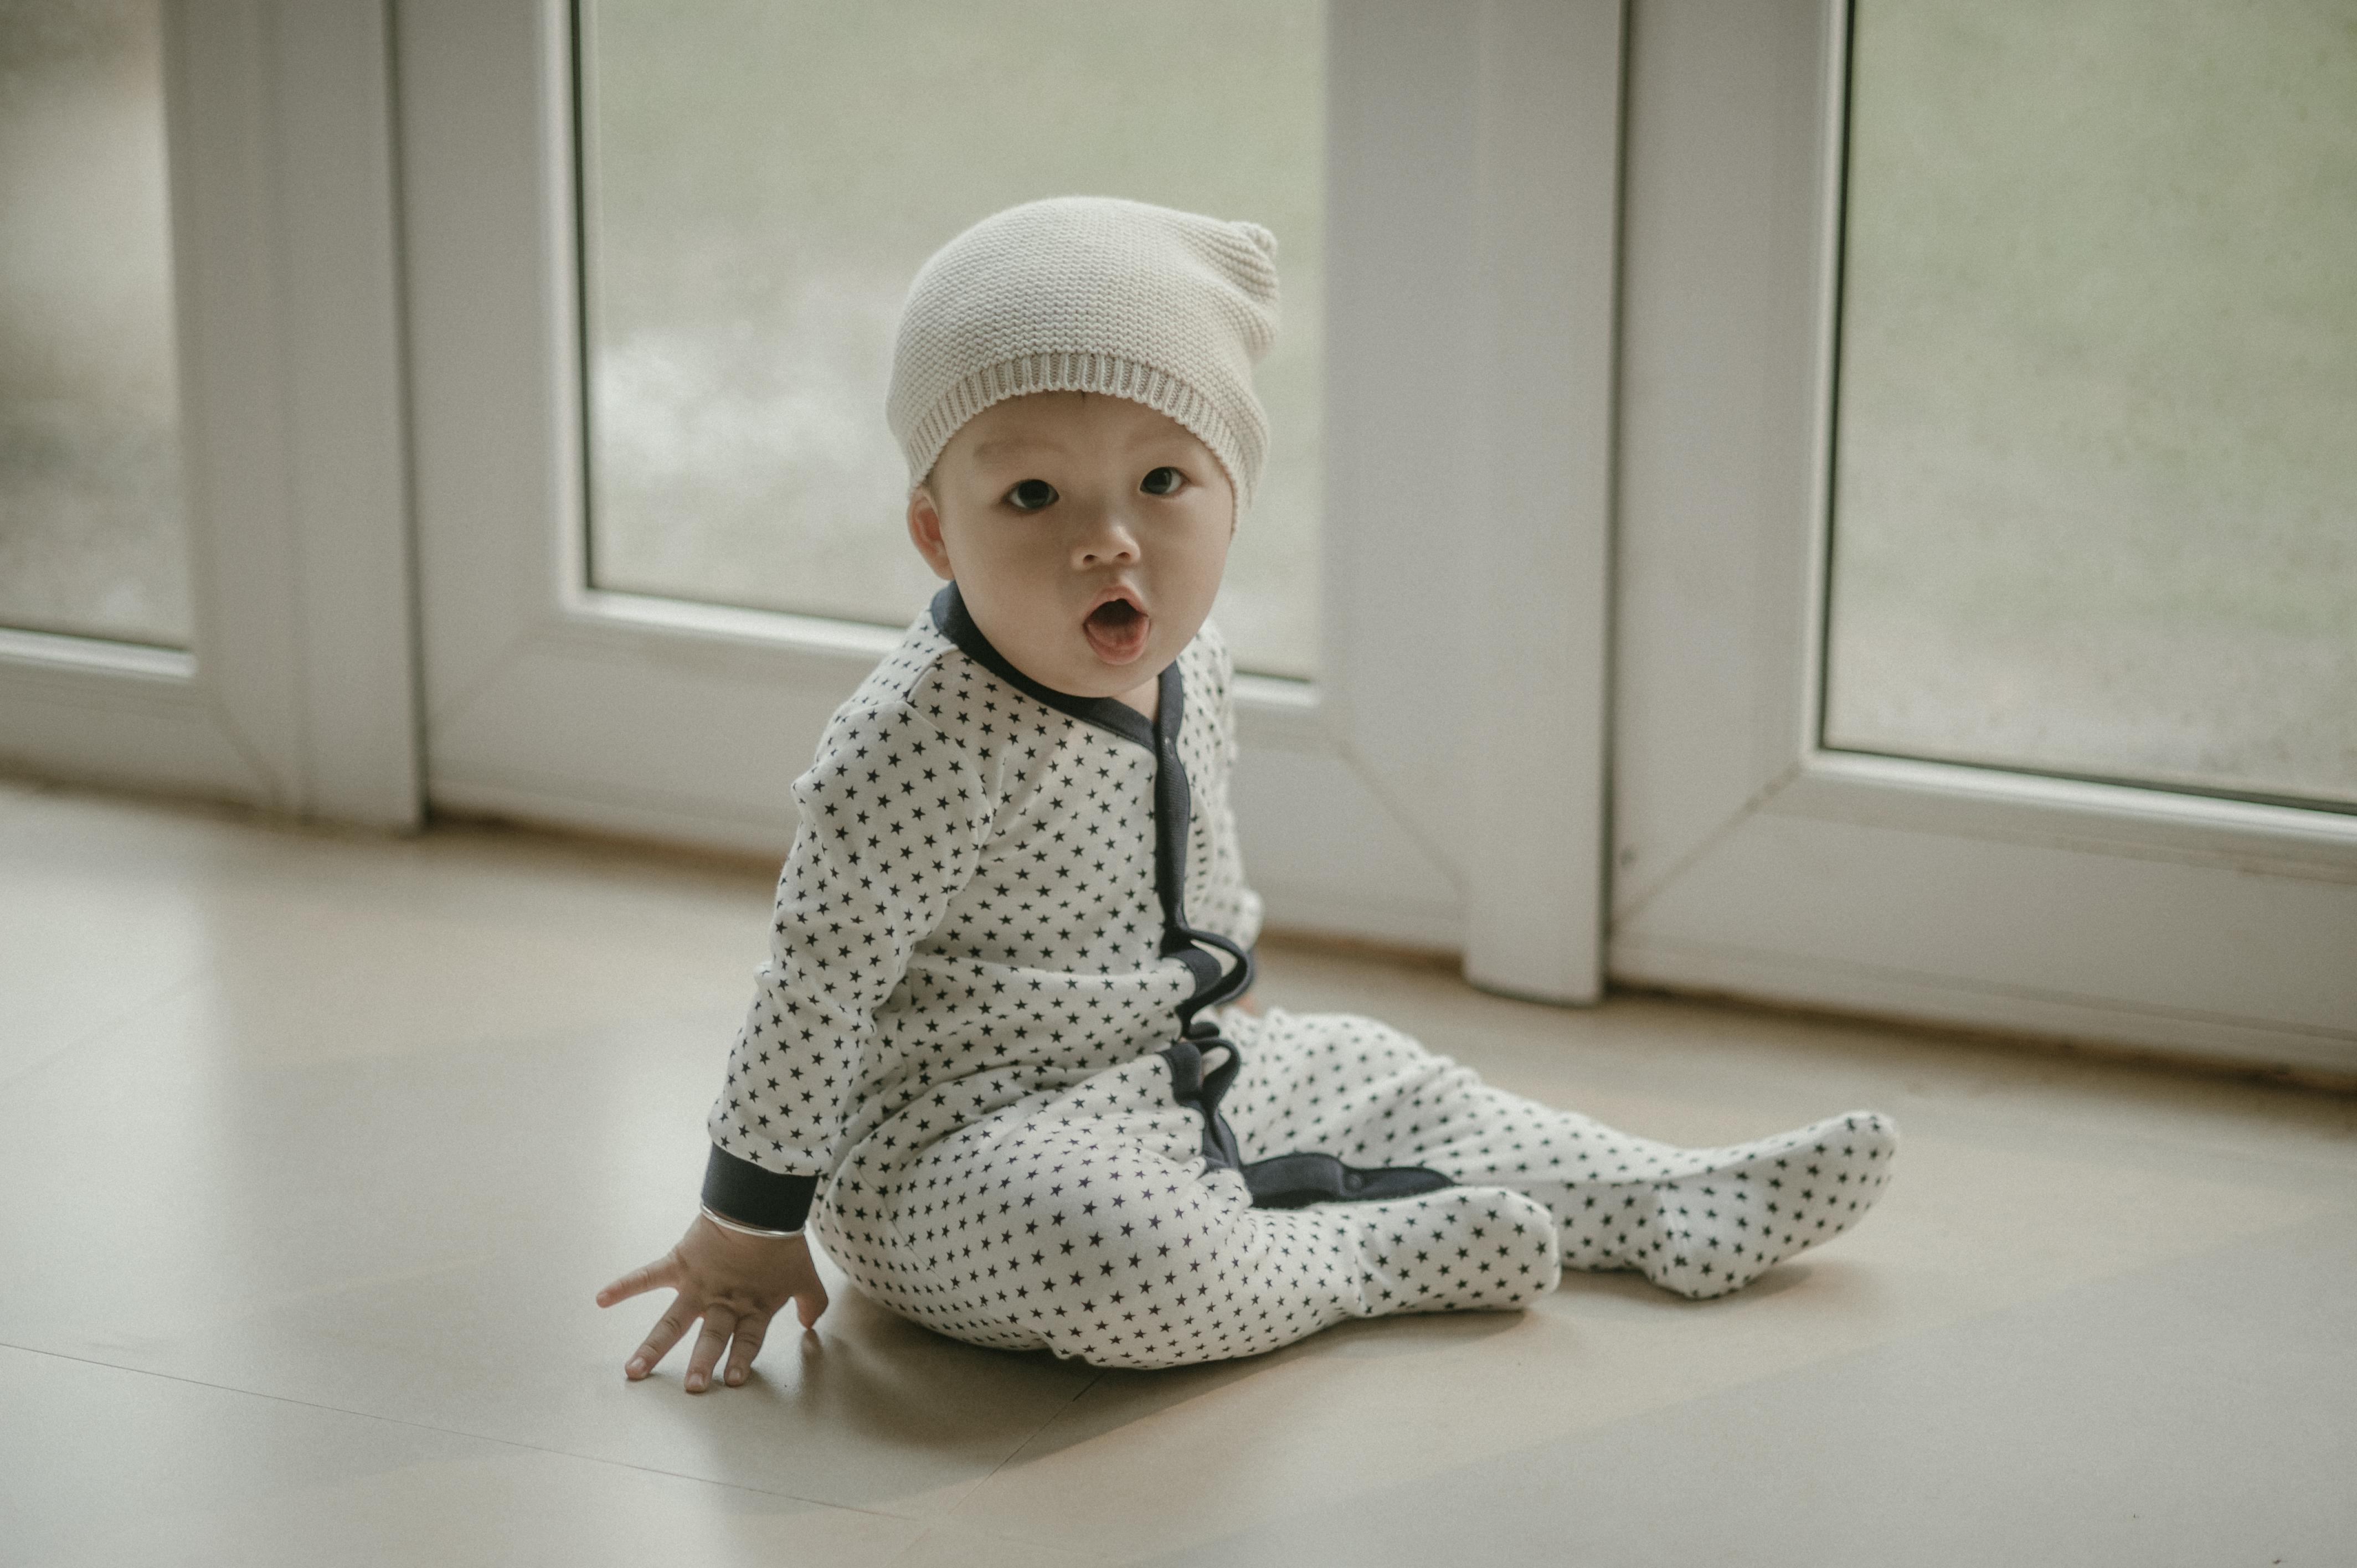 Giải trí - Dương Cẩm Lynh: 'Con trai đã cùng tôi chịu những mệt mỏi từ khá sớm' (Hình 2).